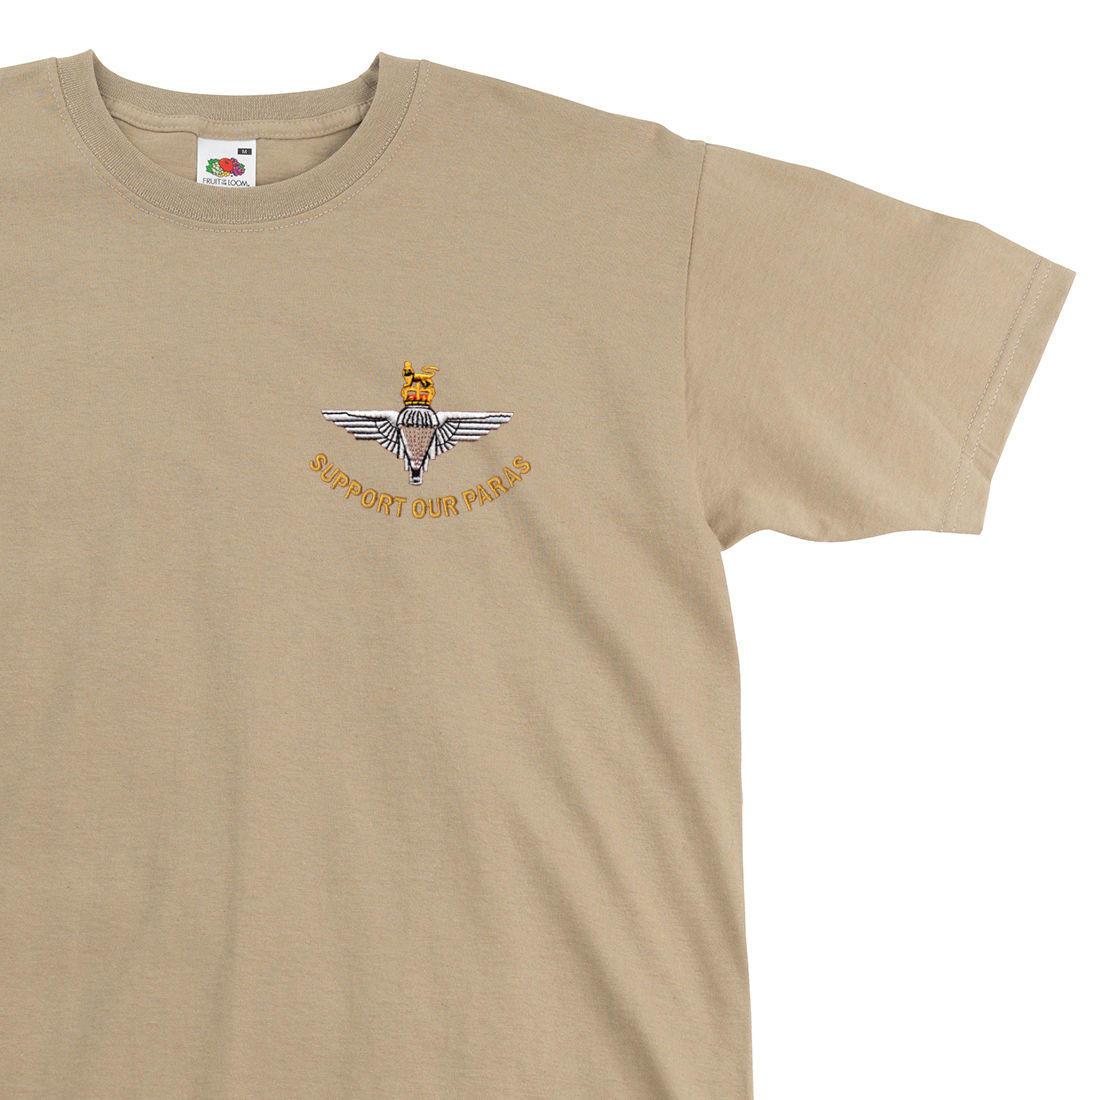 T-Shirt - Support Our Paras (Parachute Regiment) - The Airborne Shop